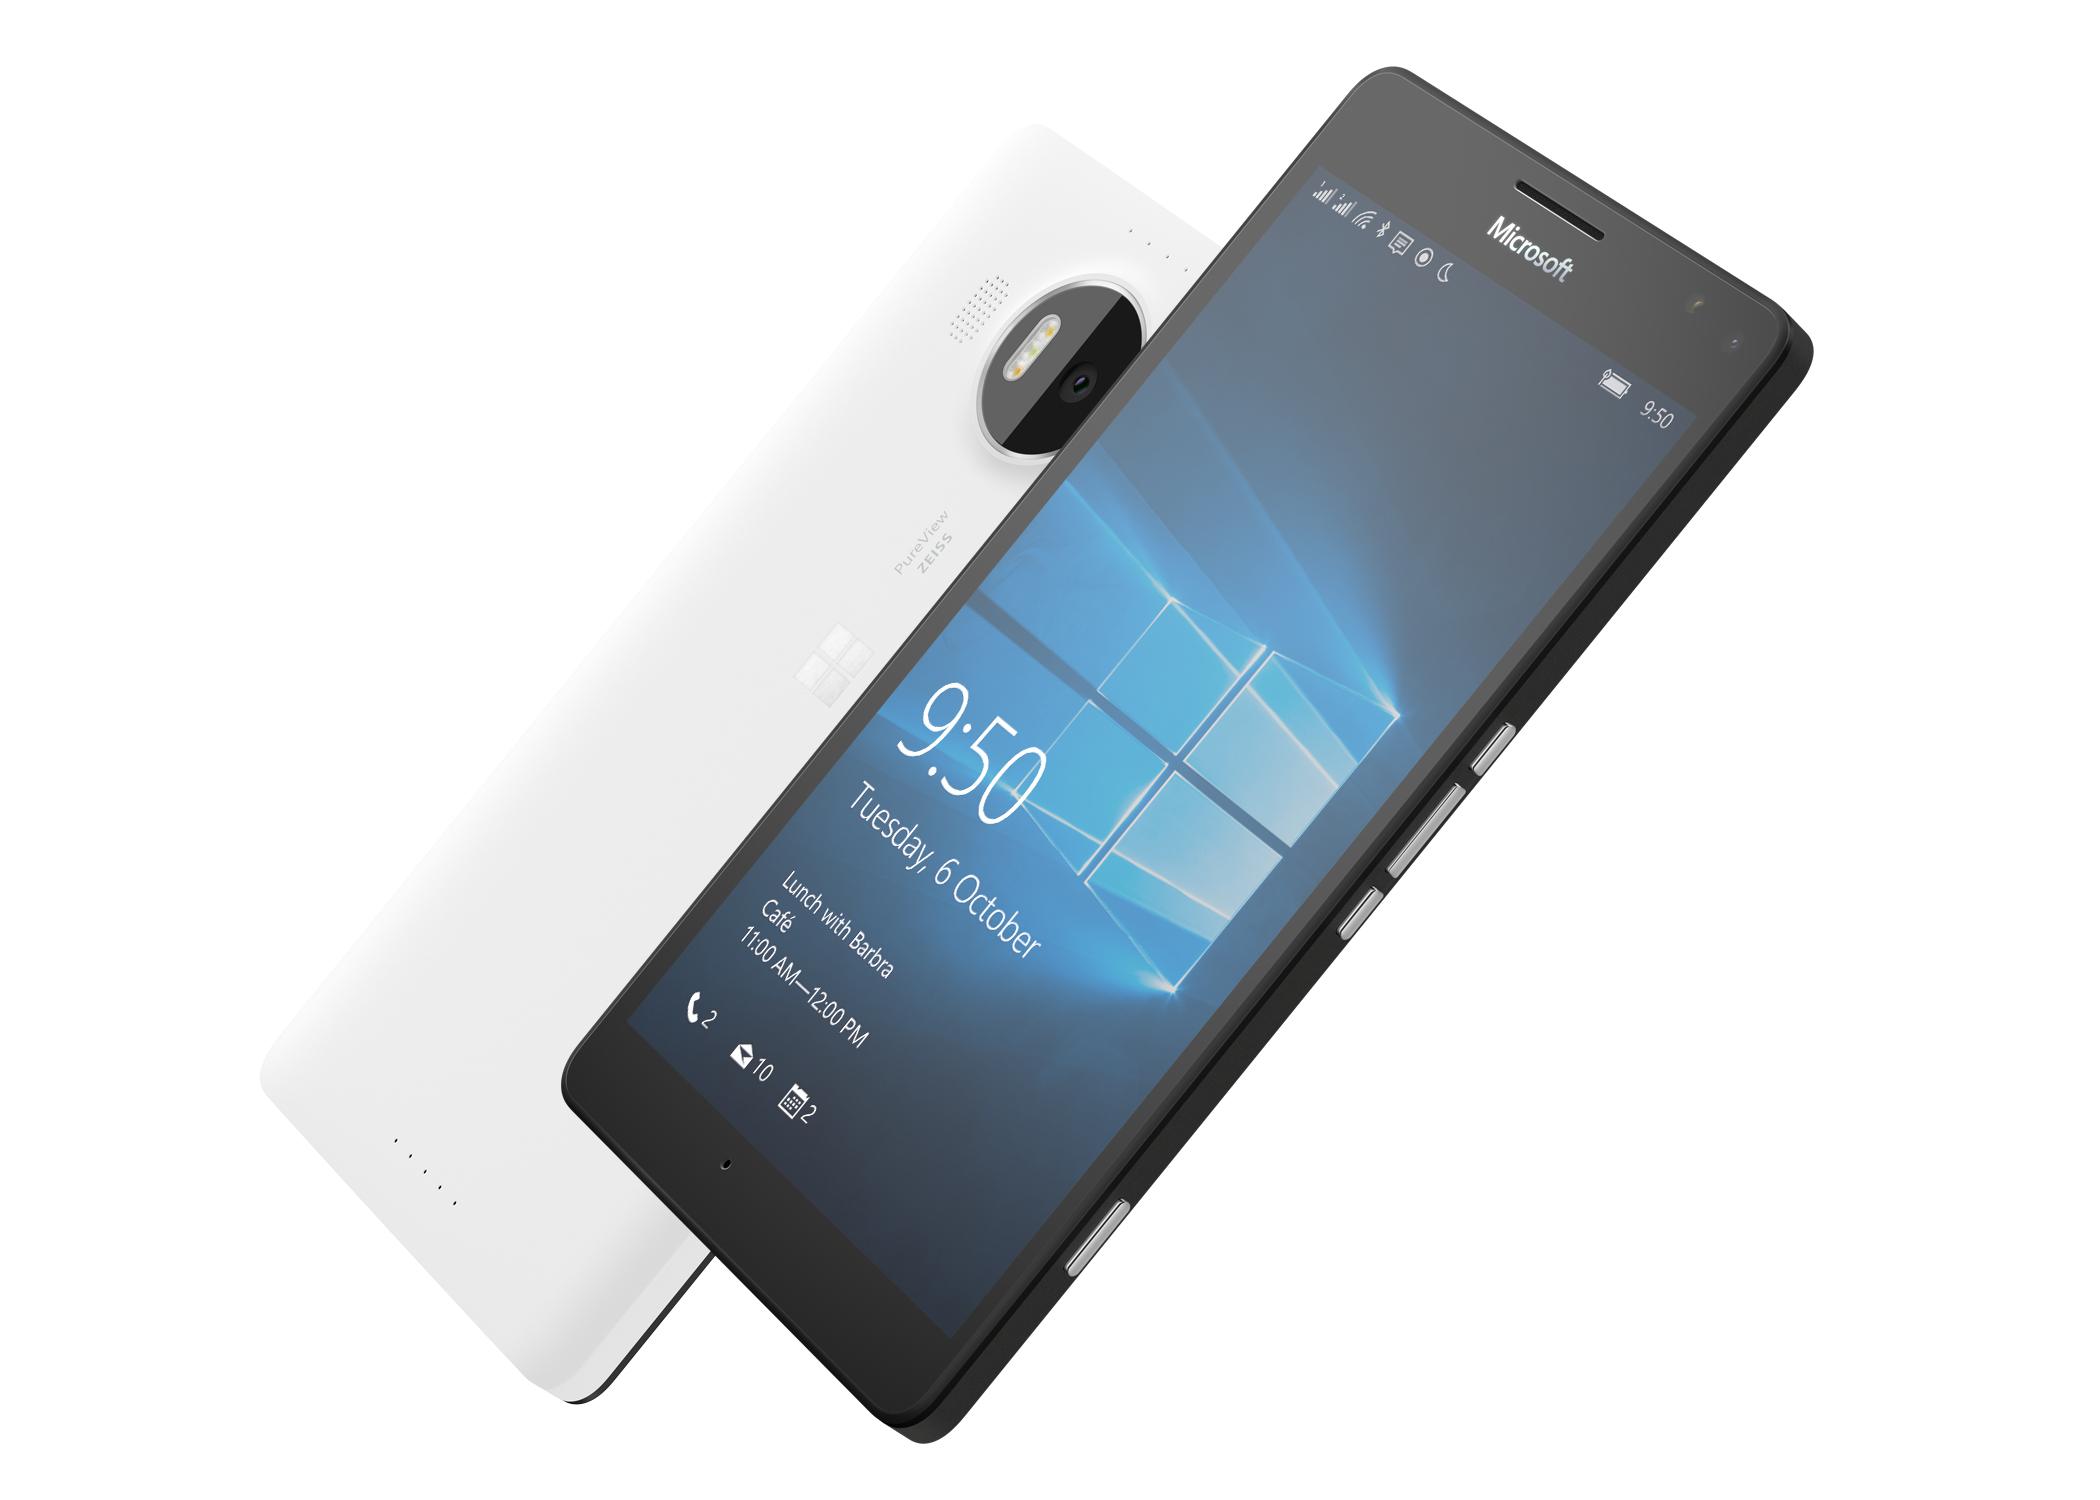 Inacreditavelmente Lumia 950 XL está disponível nas lojas Americanas